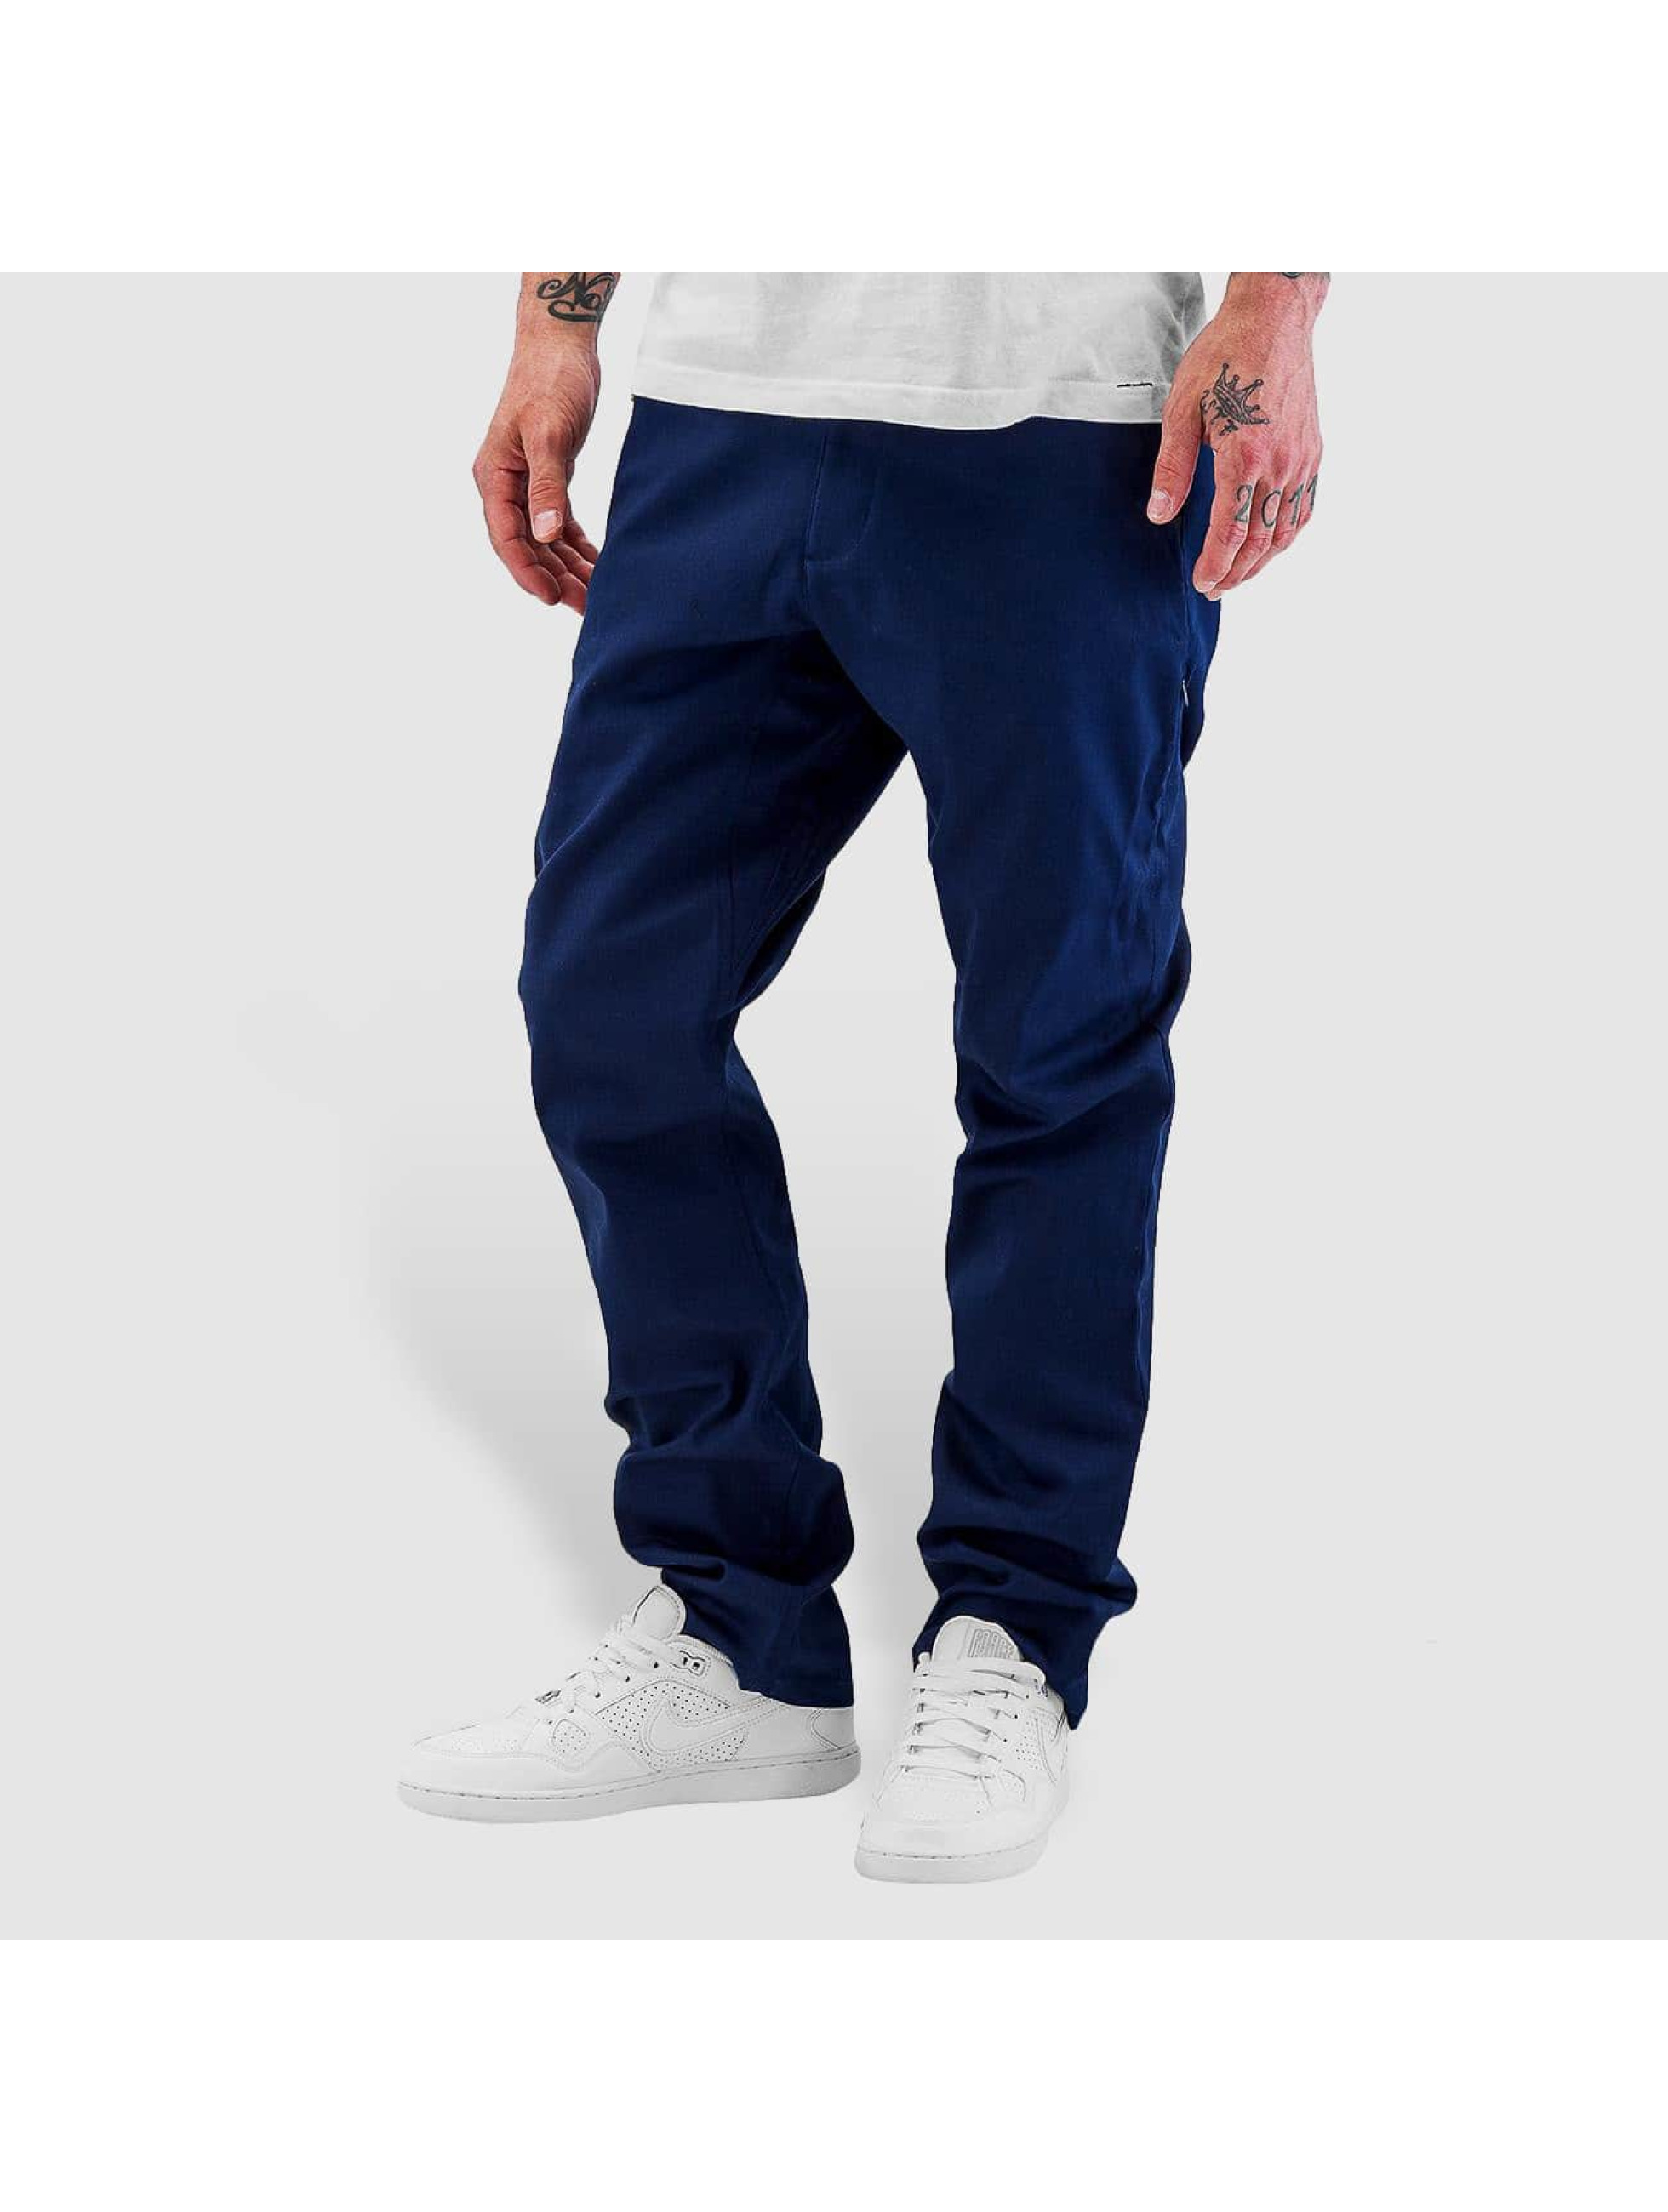 Nike SB Chino FTM blauw